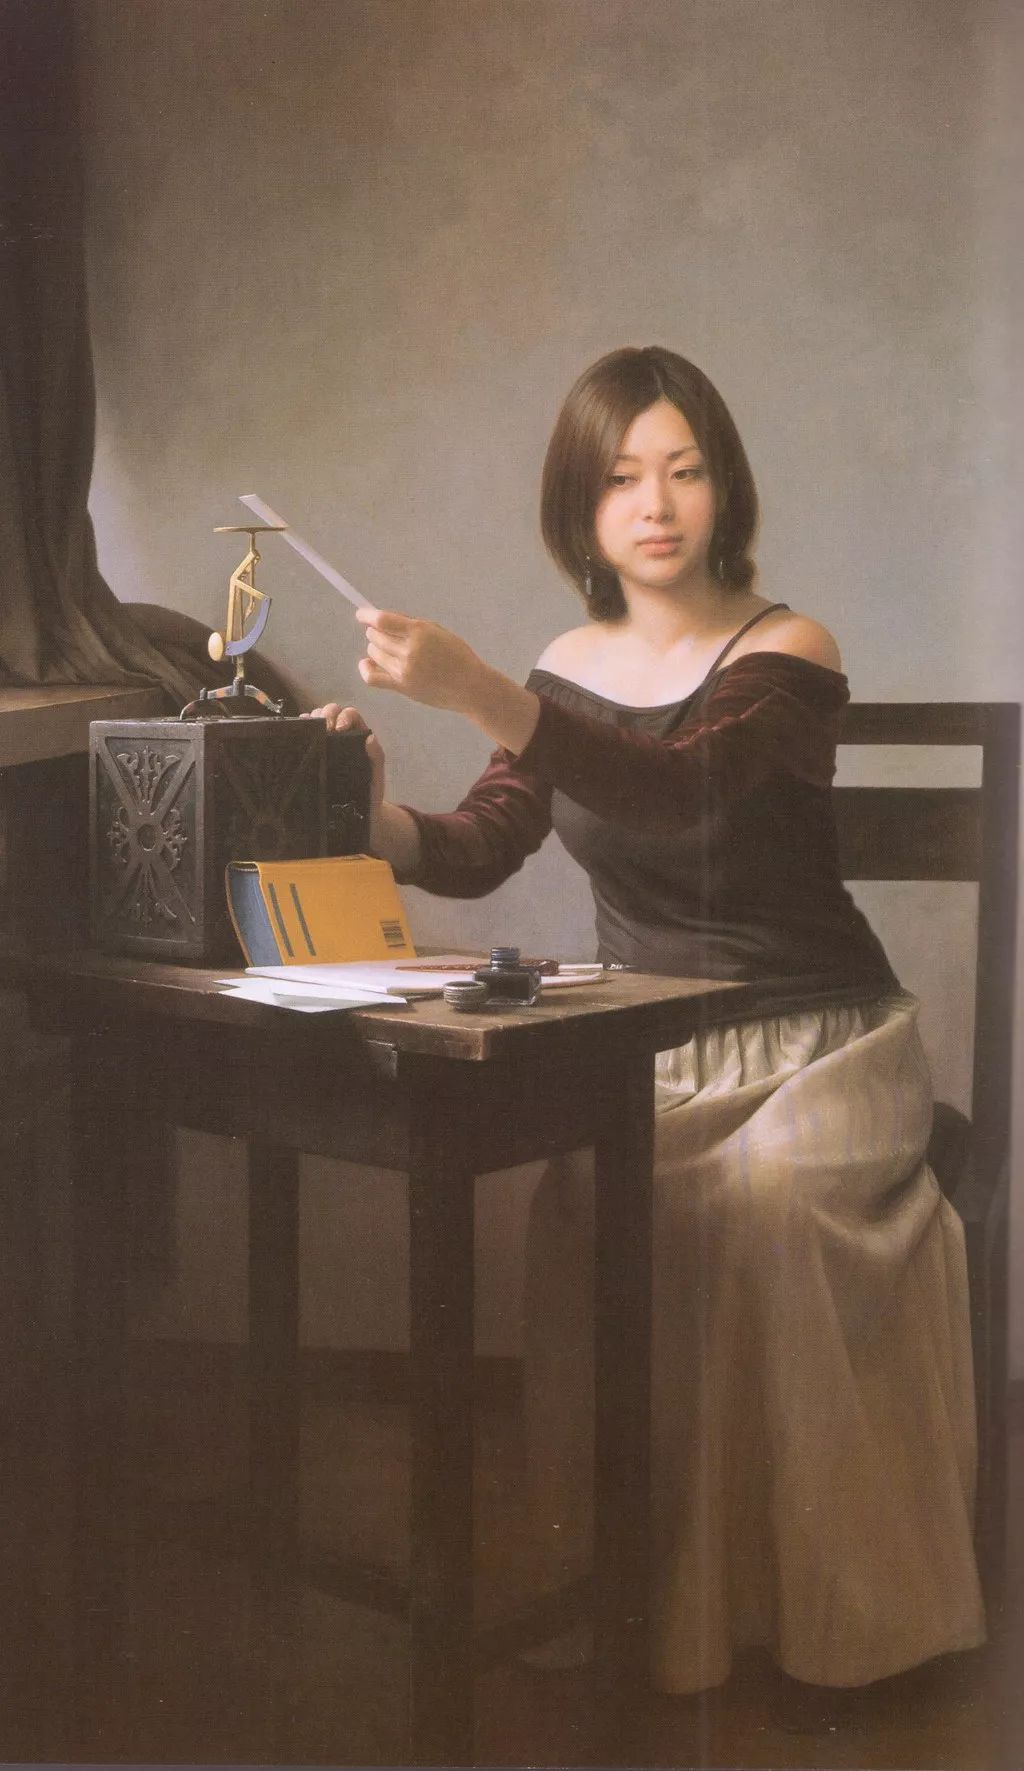 日本青年写实油画 22位画家作品插图7